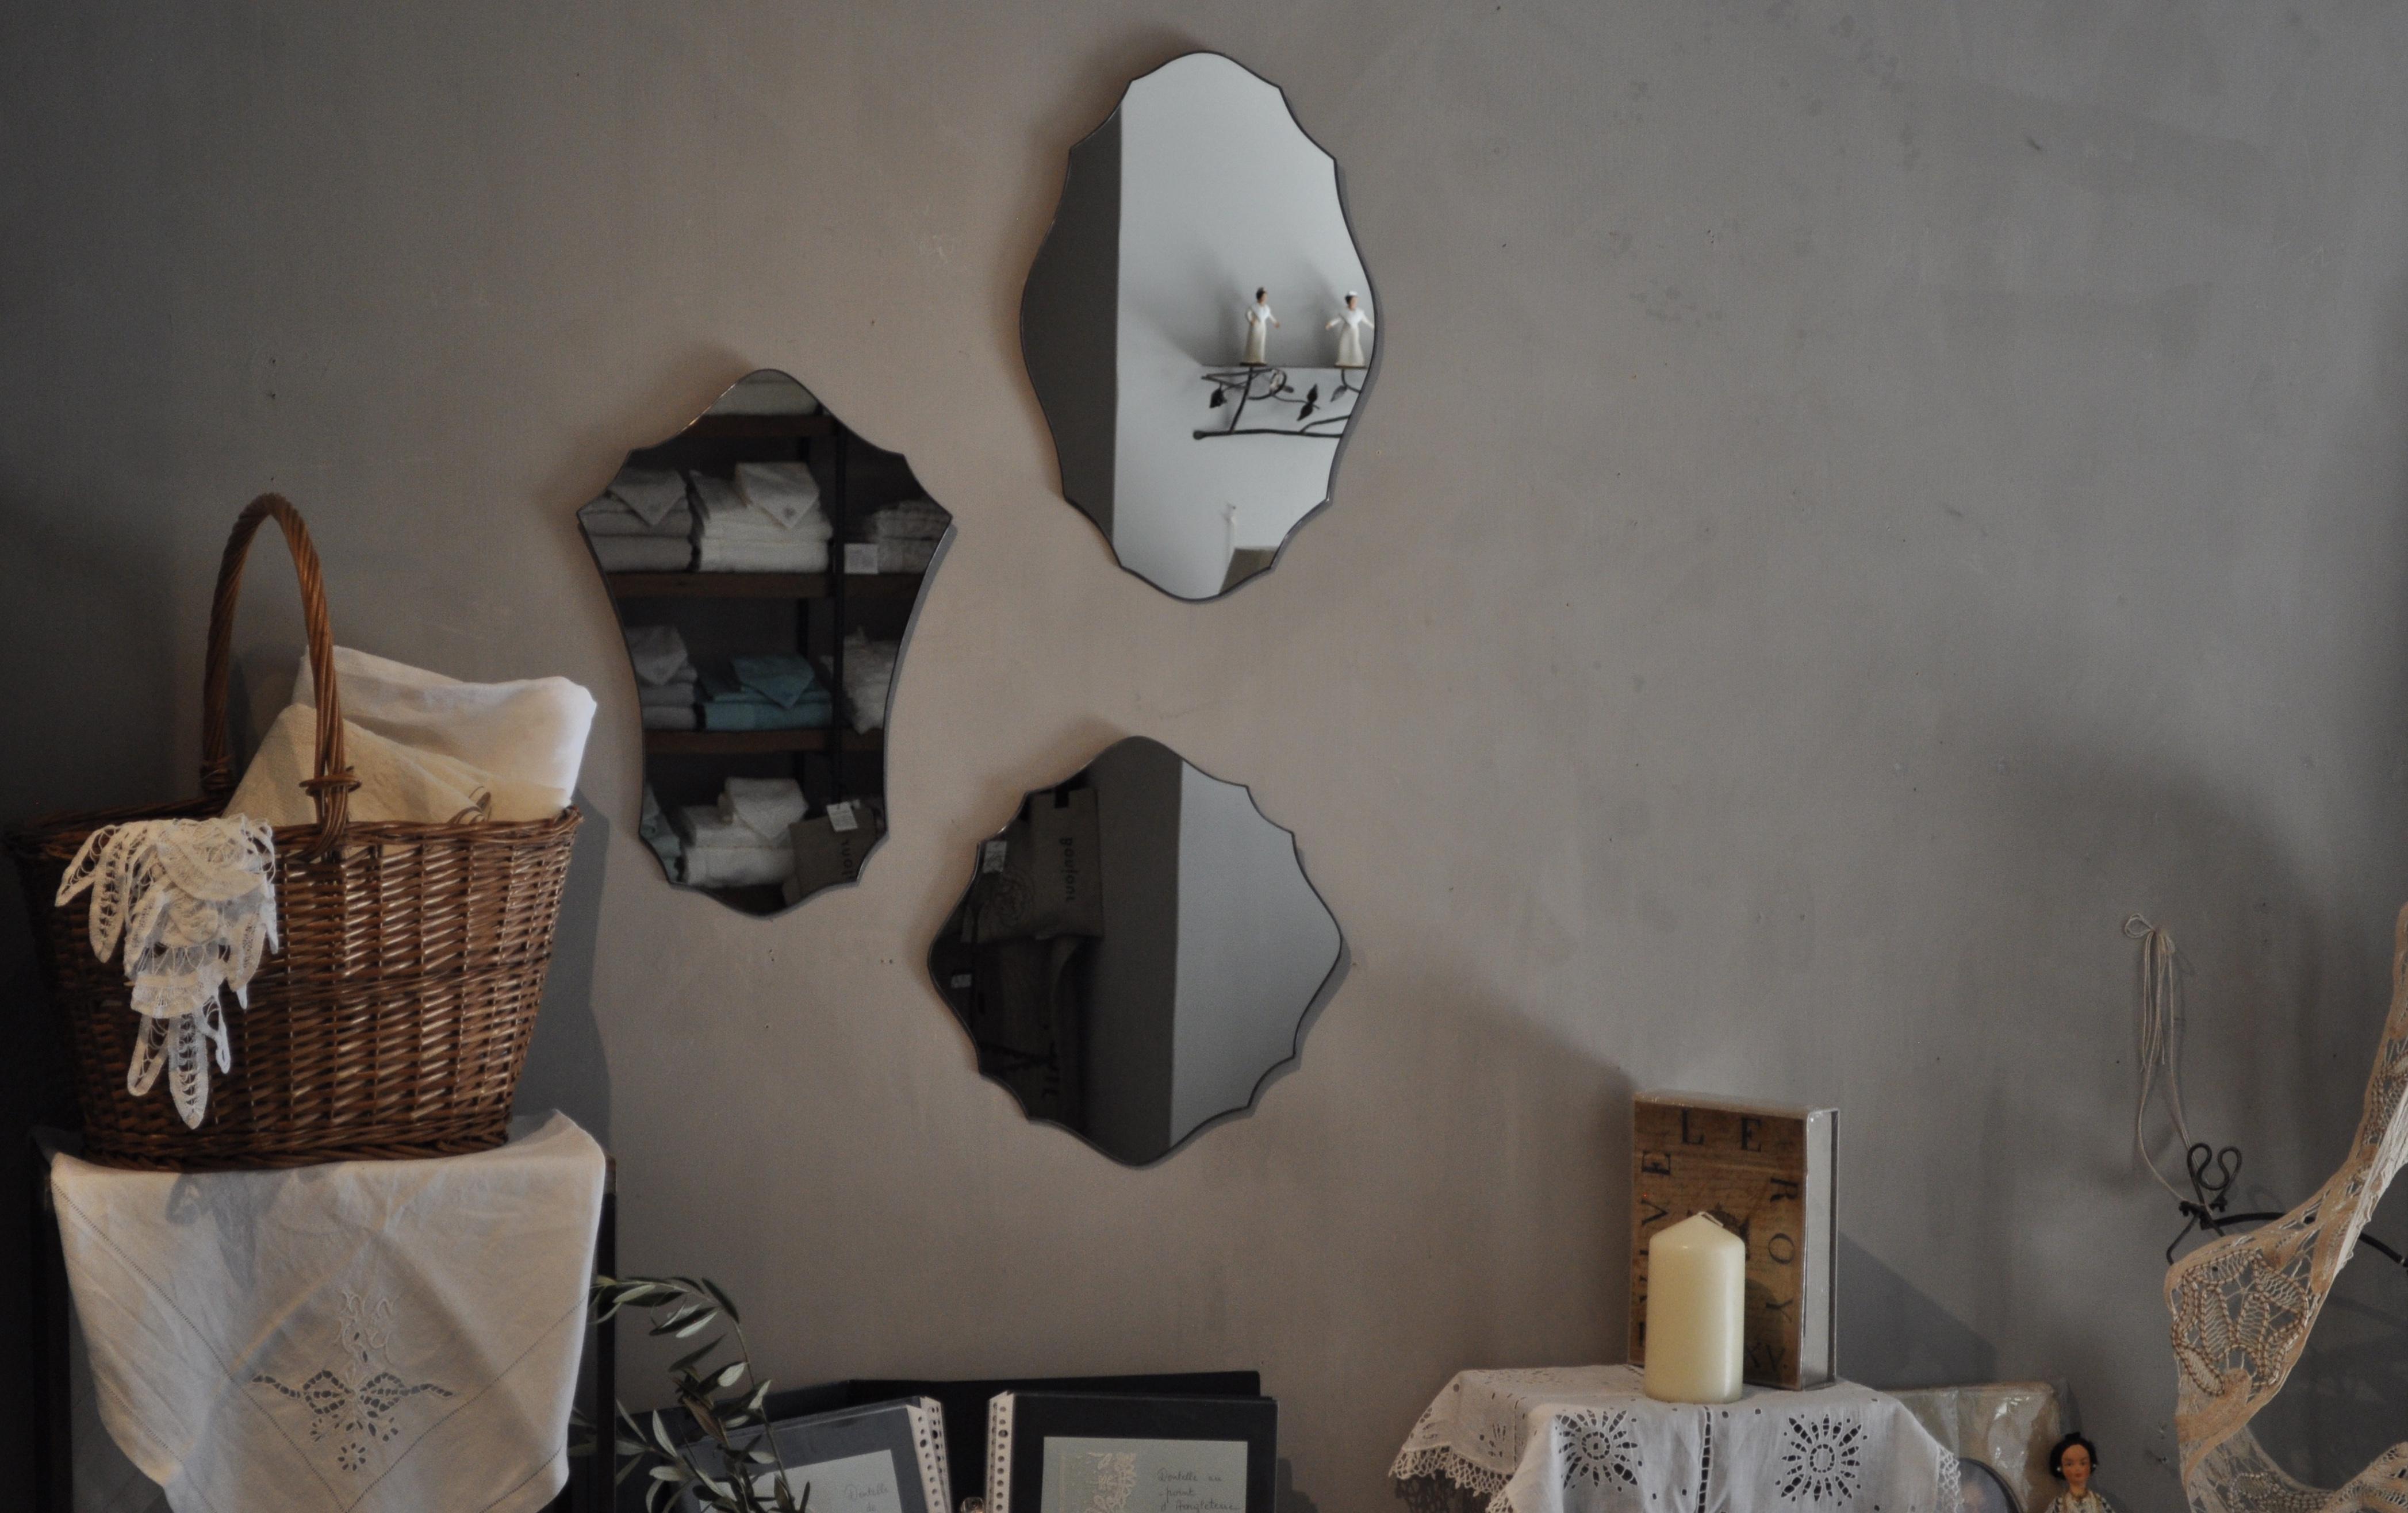 atelier mado 神戸 ステンドグラス 壁鏡 鏡 ウォールミラー フレンチスタイル シンプル